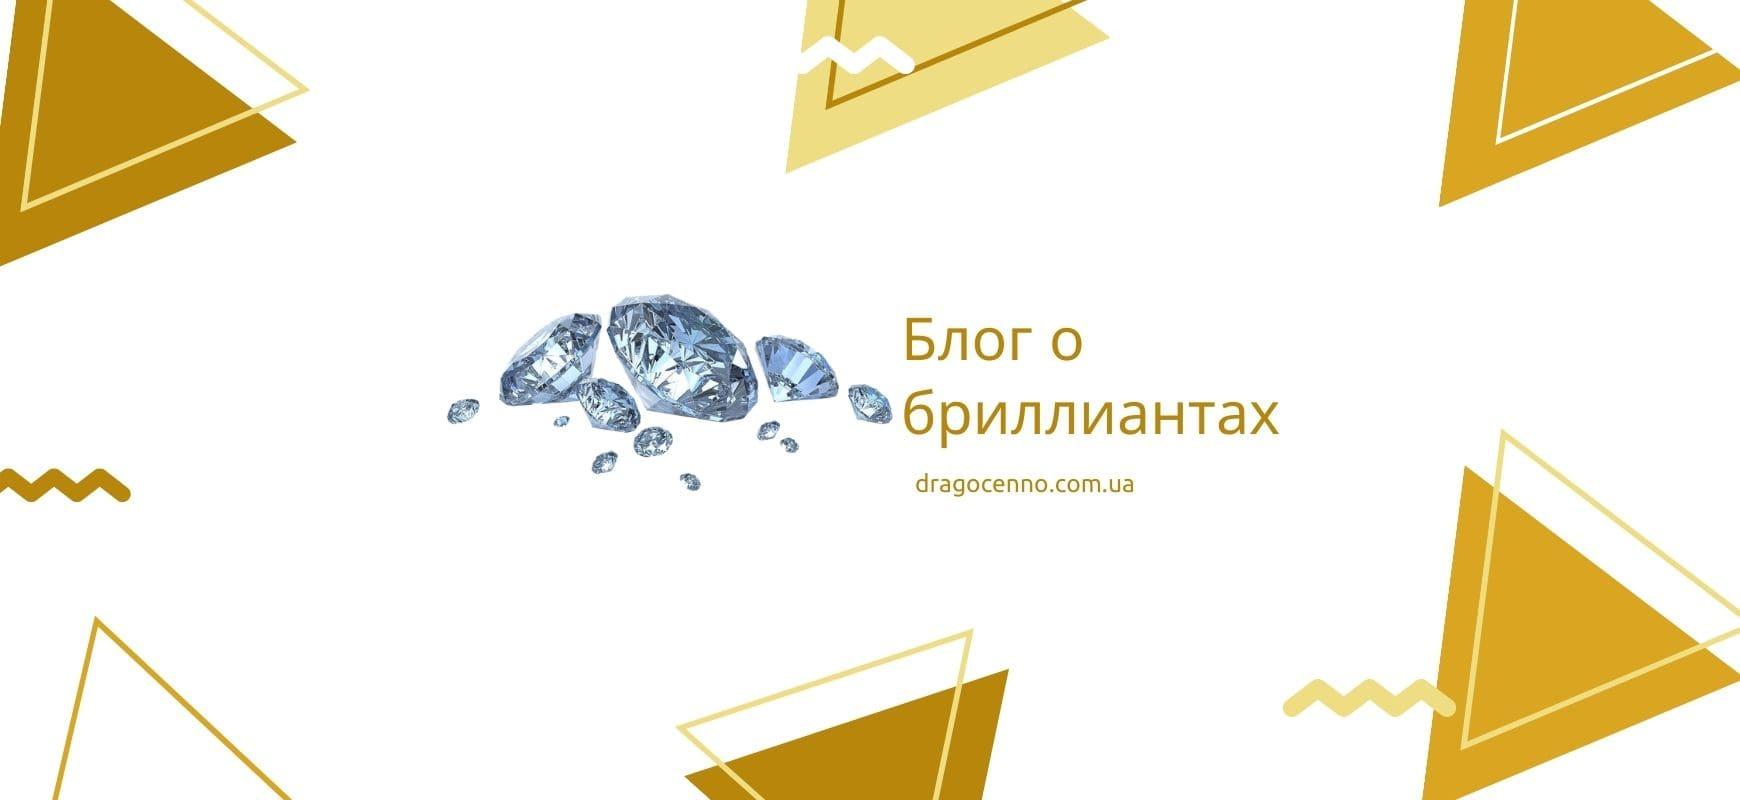 Блог о бриллиантах